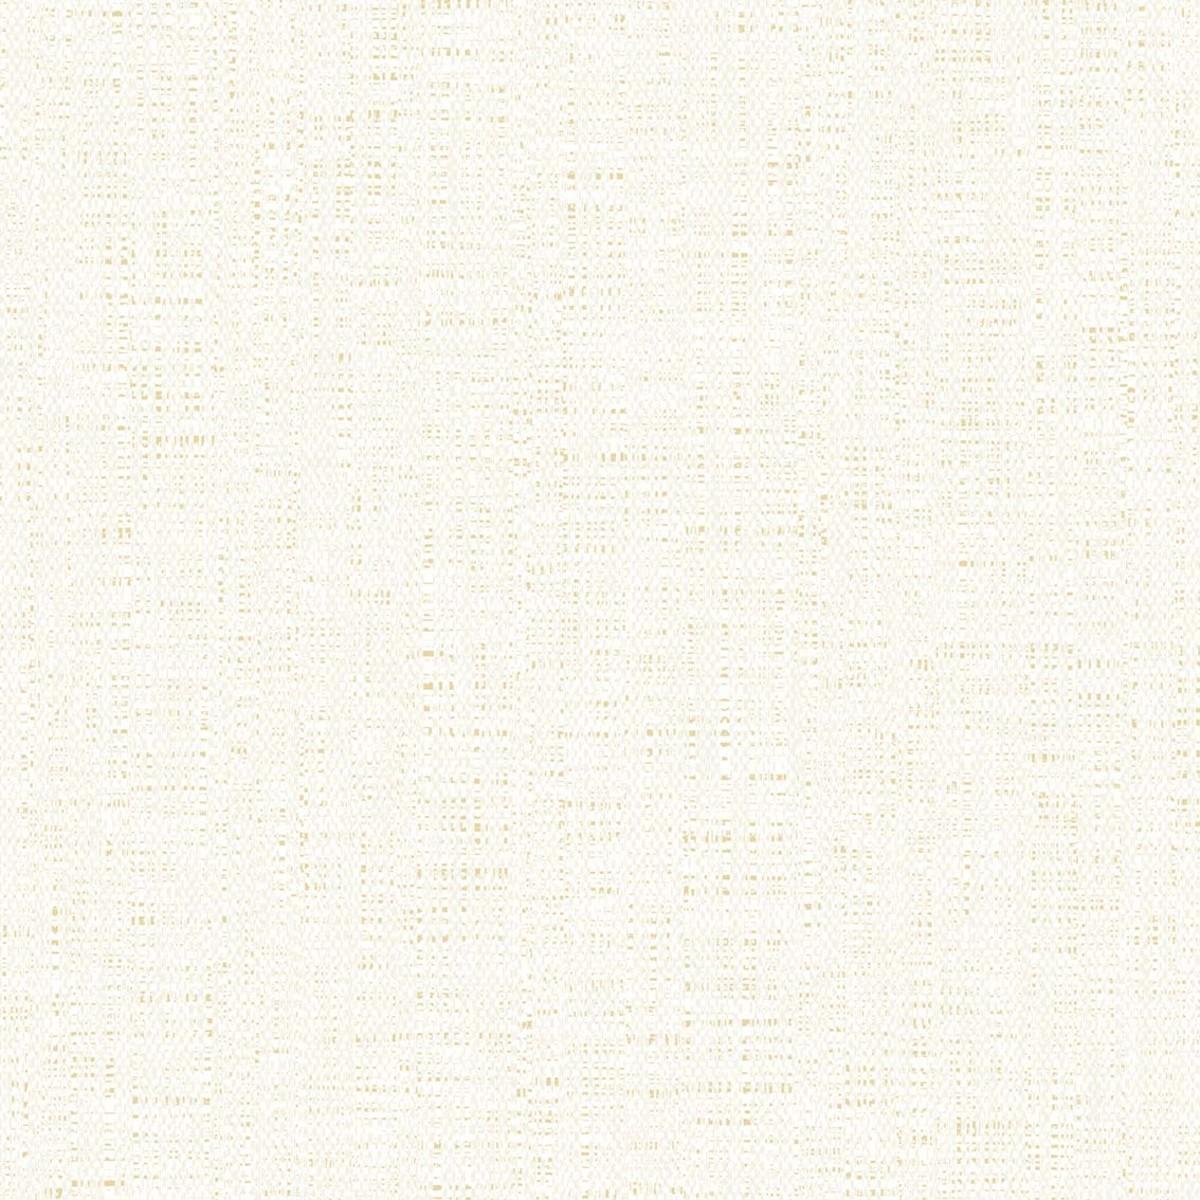 Обои виниловые Gaenari бежевые 1.06 м 81168-1